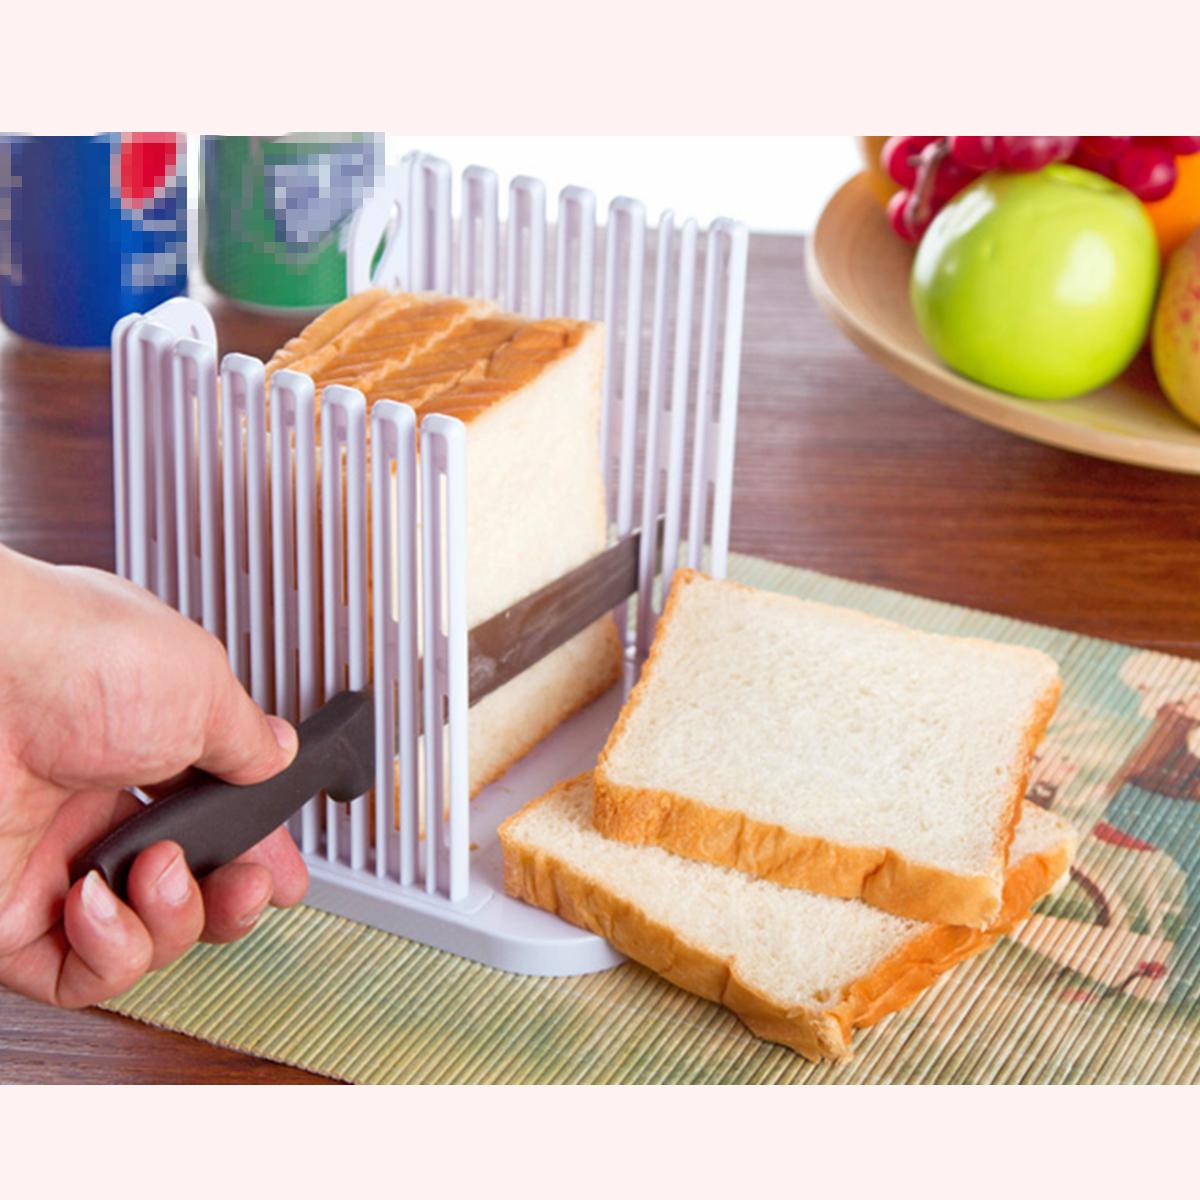 Bread Slicer Cutter Foldable and Adjustable Bread Toast Slicer Bagel Slicer Loaf Sandwich Bread Slicer Toast... by